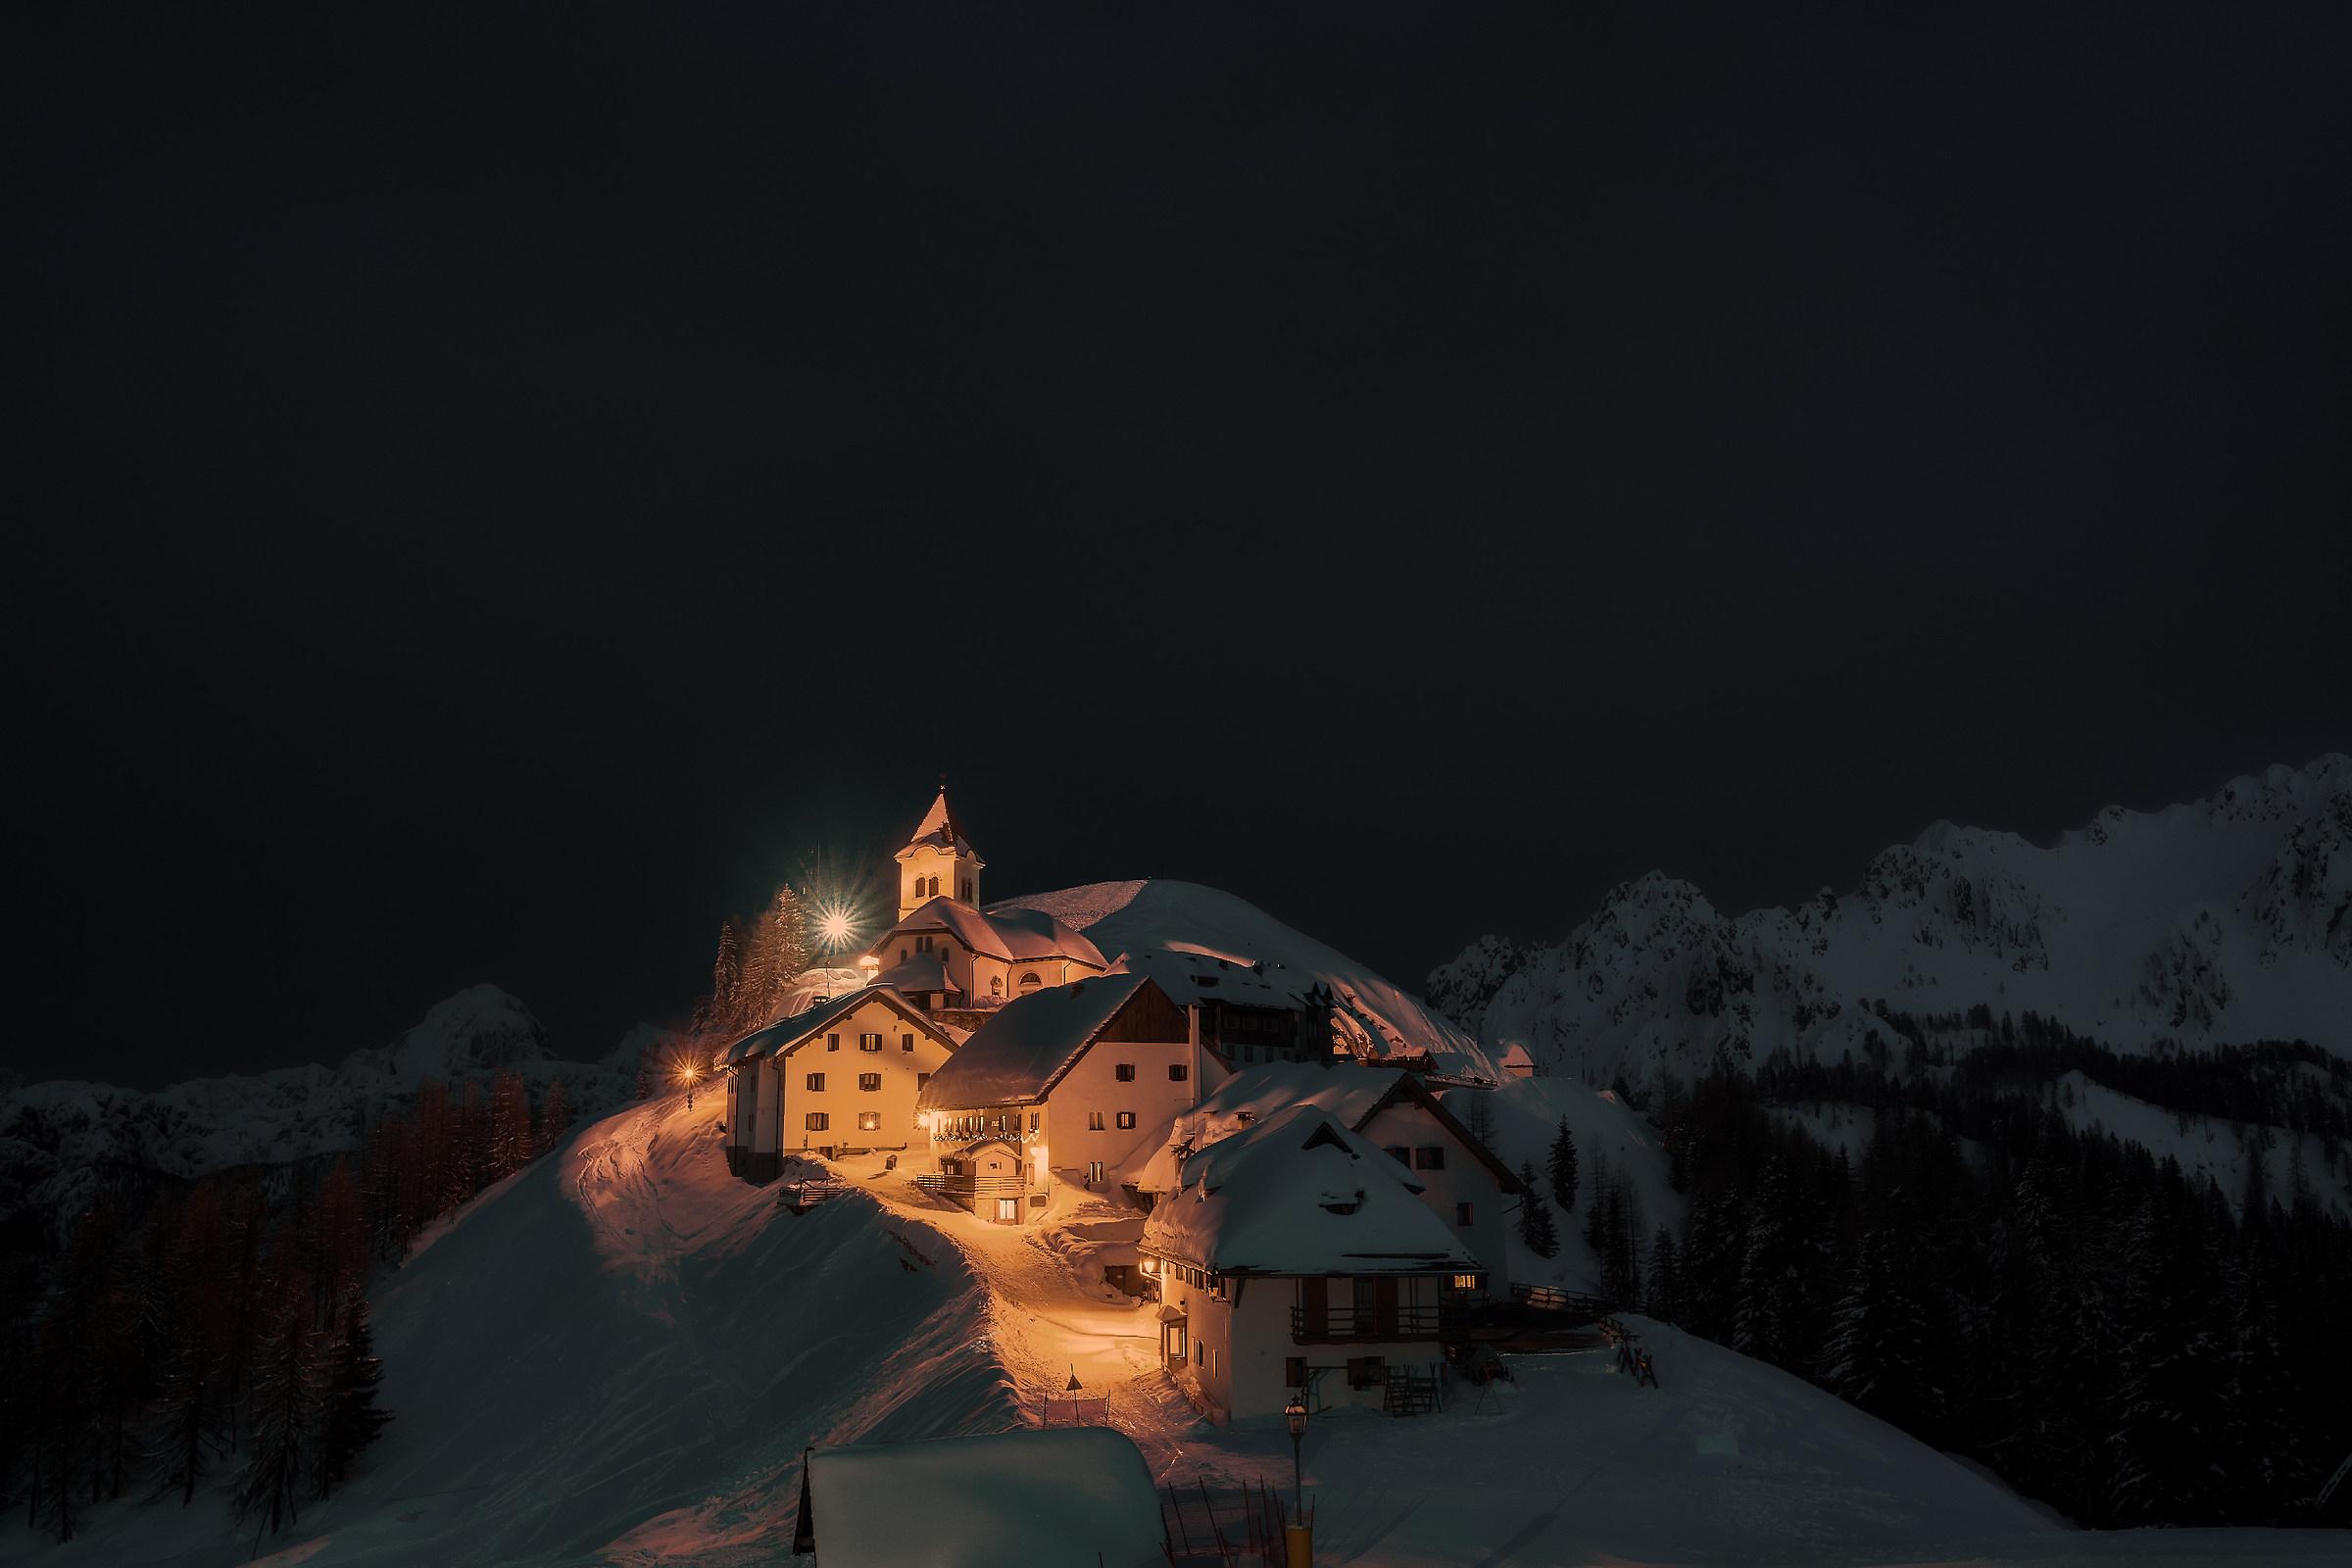 Arriva la notte sul Lussari...